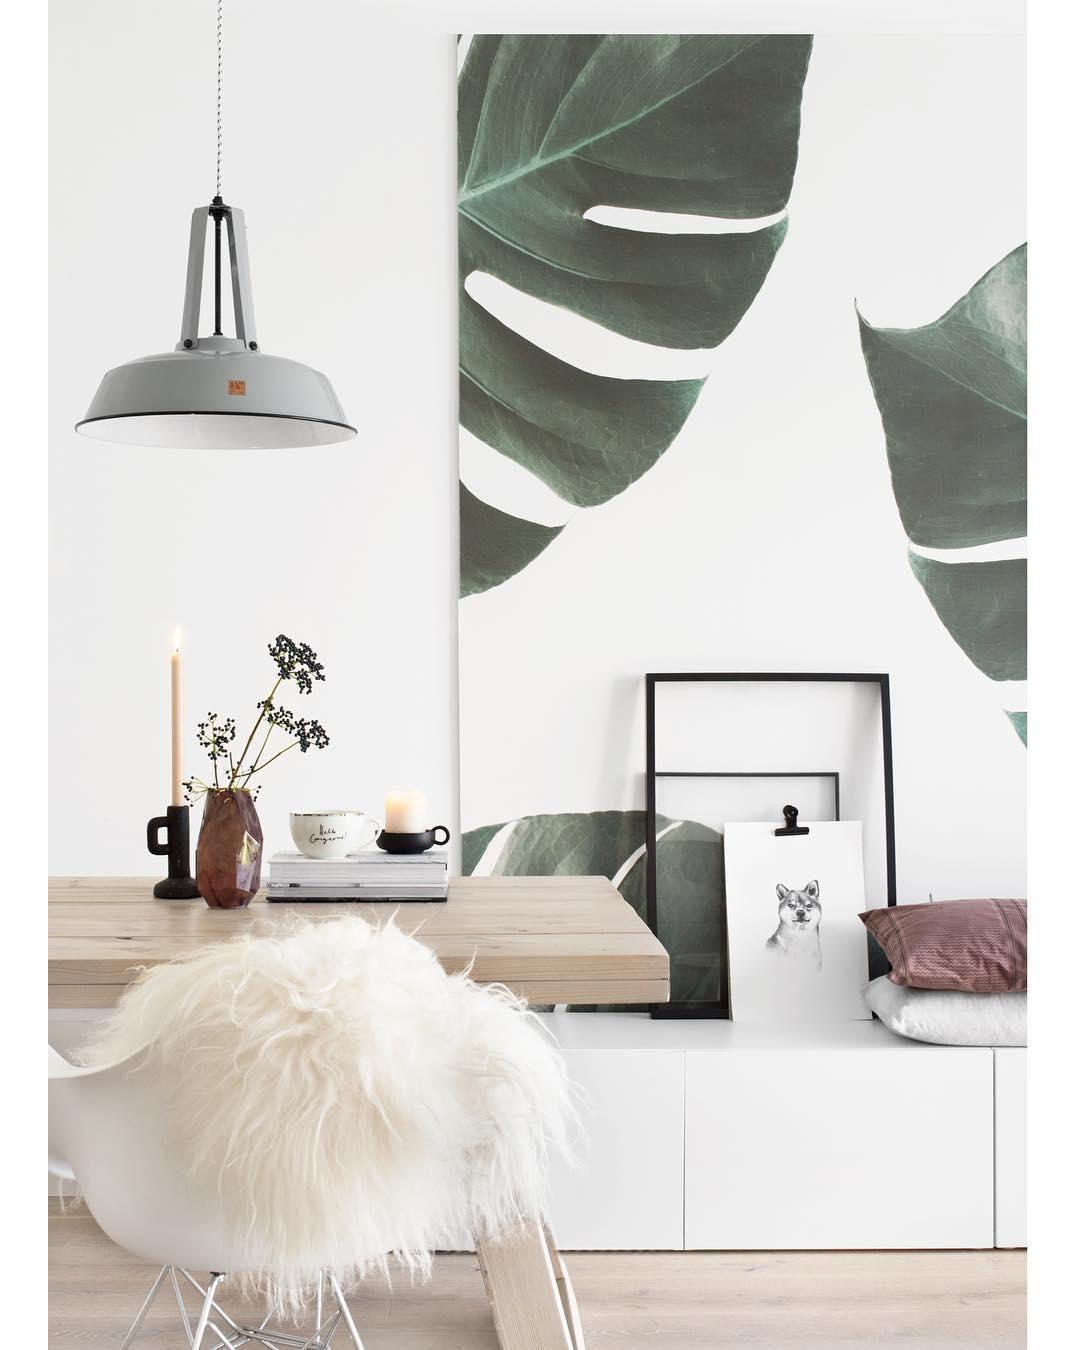 der trend geht zur gem tlichkeit ein kuscheliges fell. Black Bedroom Furniture Sets. Home Design Ideas